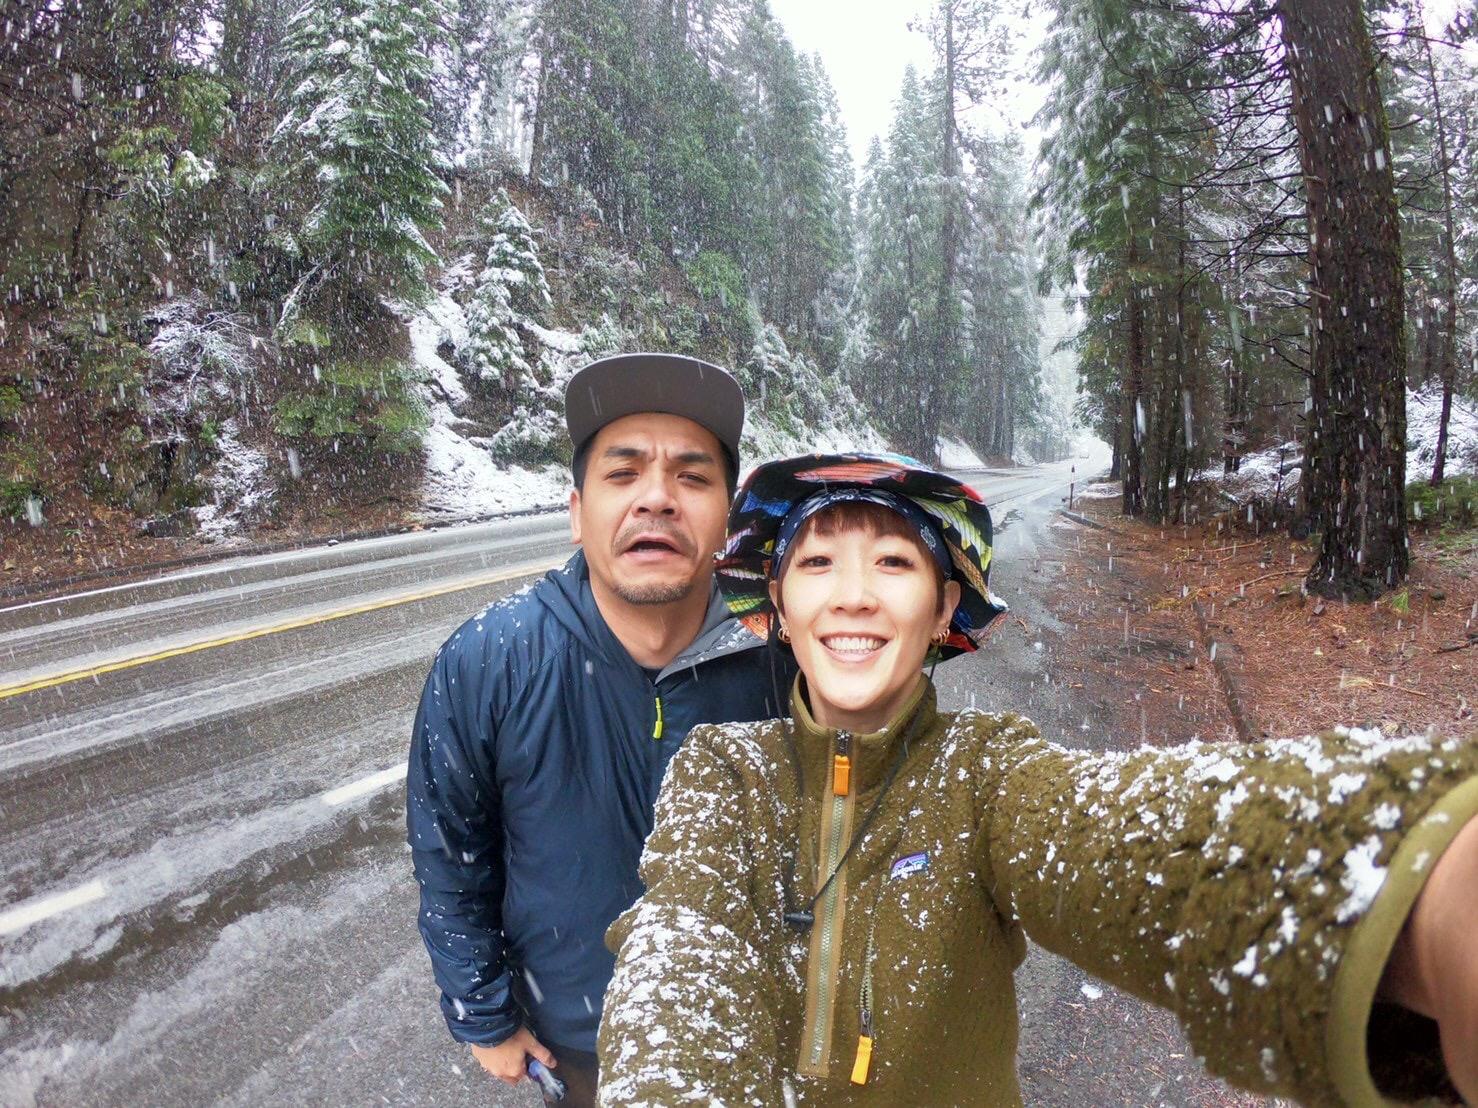 ▲在優美勝地3天的夫妻倆,經歷了好天氣,也遇到大雪,兩人卻完全沒有受到影響,反而樂在其中。